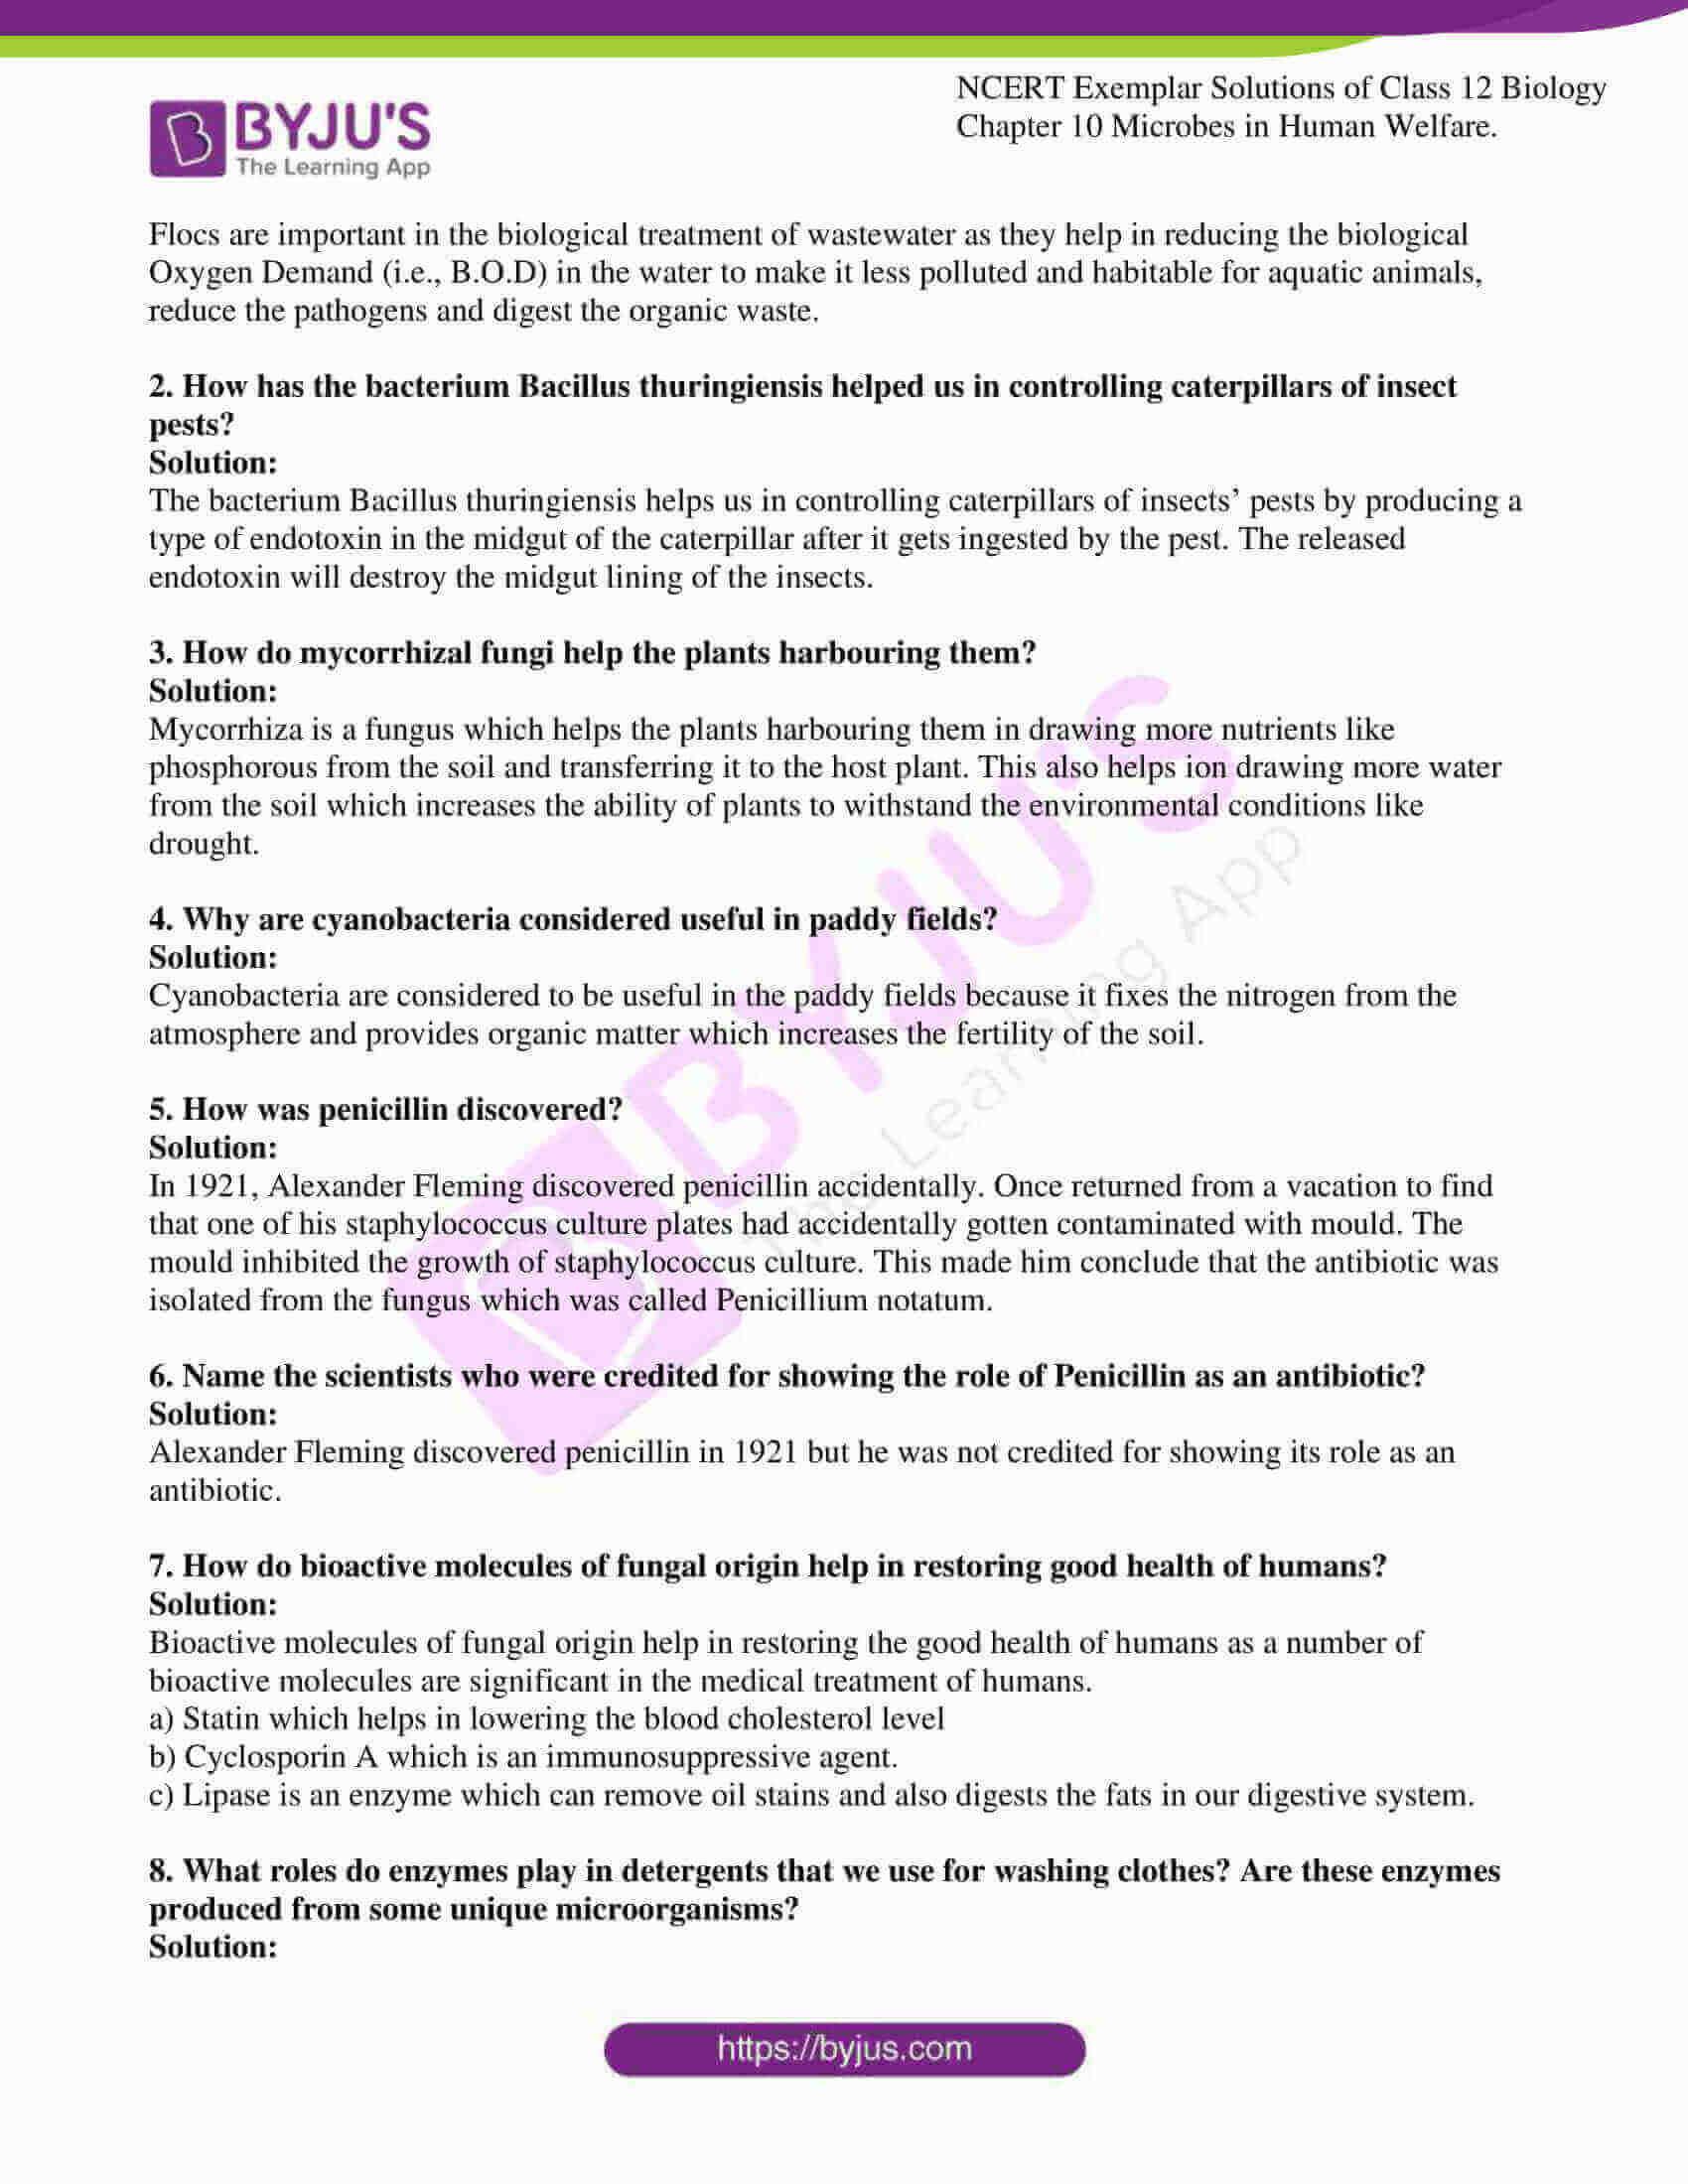 ncert exemplar solution of class 12 biology chapter 10 07